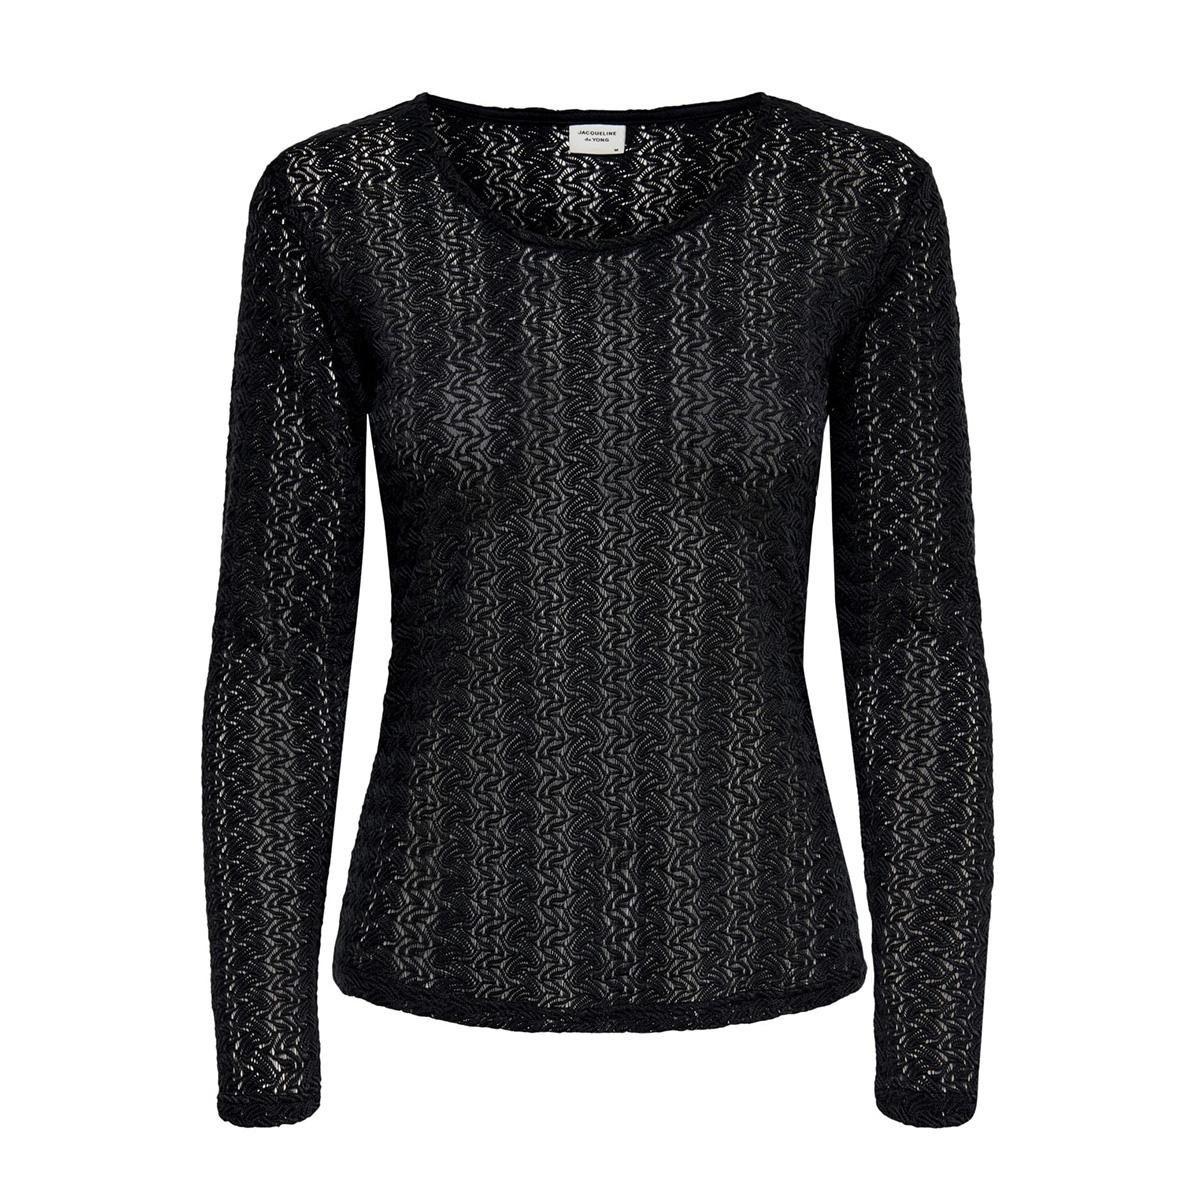 jdylenna l/s lace top jrs 15193551 jacqueline de yong t-shirt black